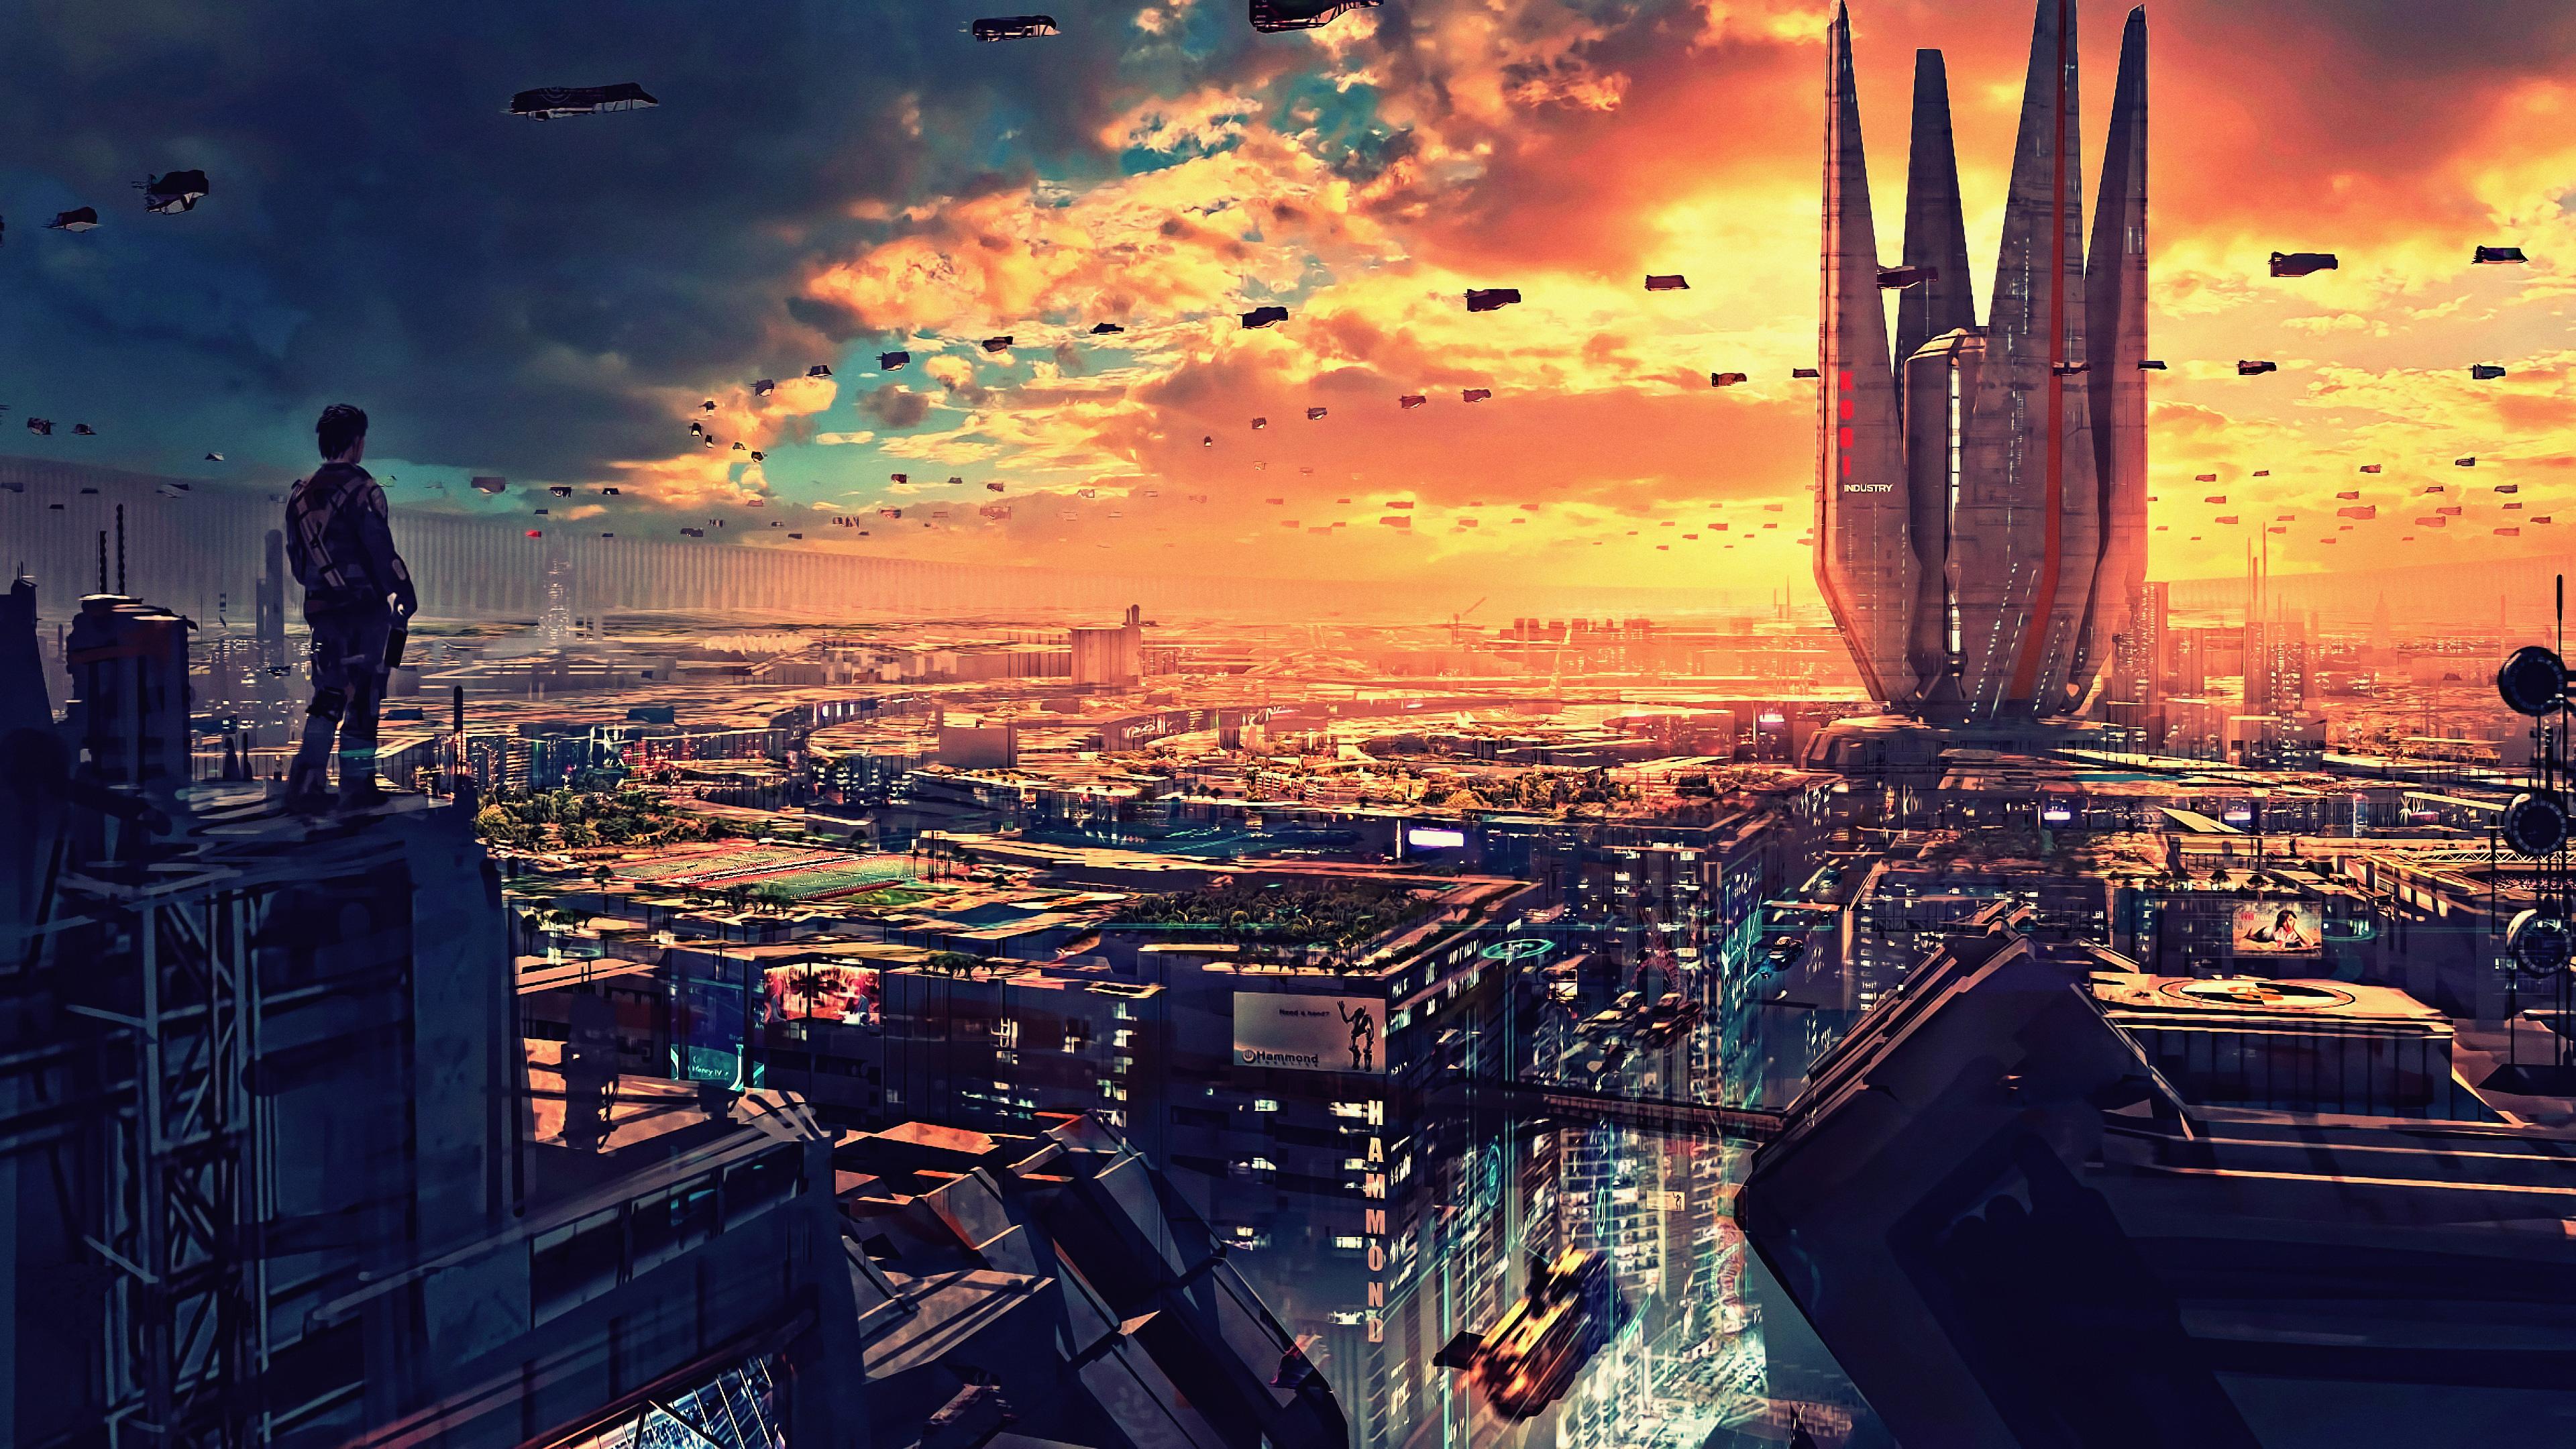 science fiction cityscape futuristic city digital art 4k 1540755072 - Science Fiction Cityscape Futuristic City Digital Art 4k - hd-wallpapers, digital art wallpapers, cityscape wallpapers, artwork wallpapers, artist wallpapers, 4k-wallpapers